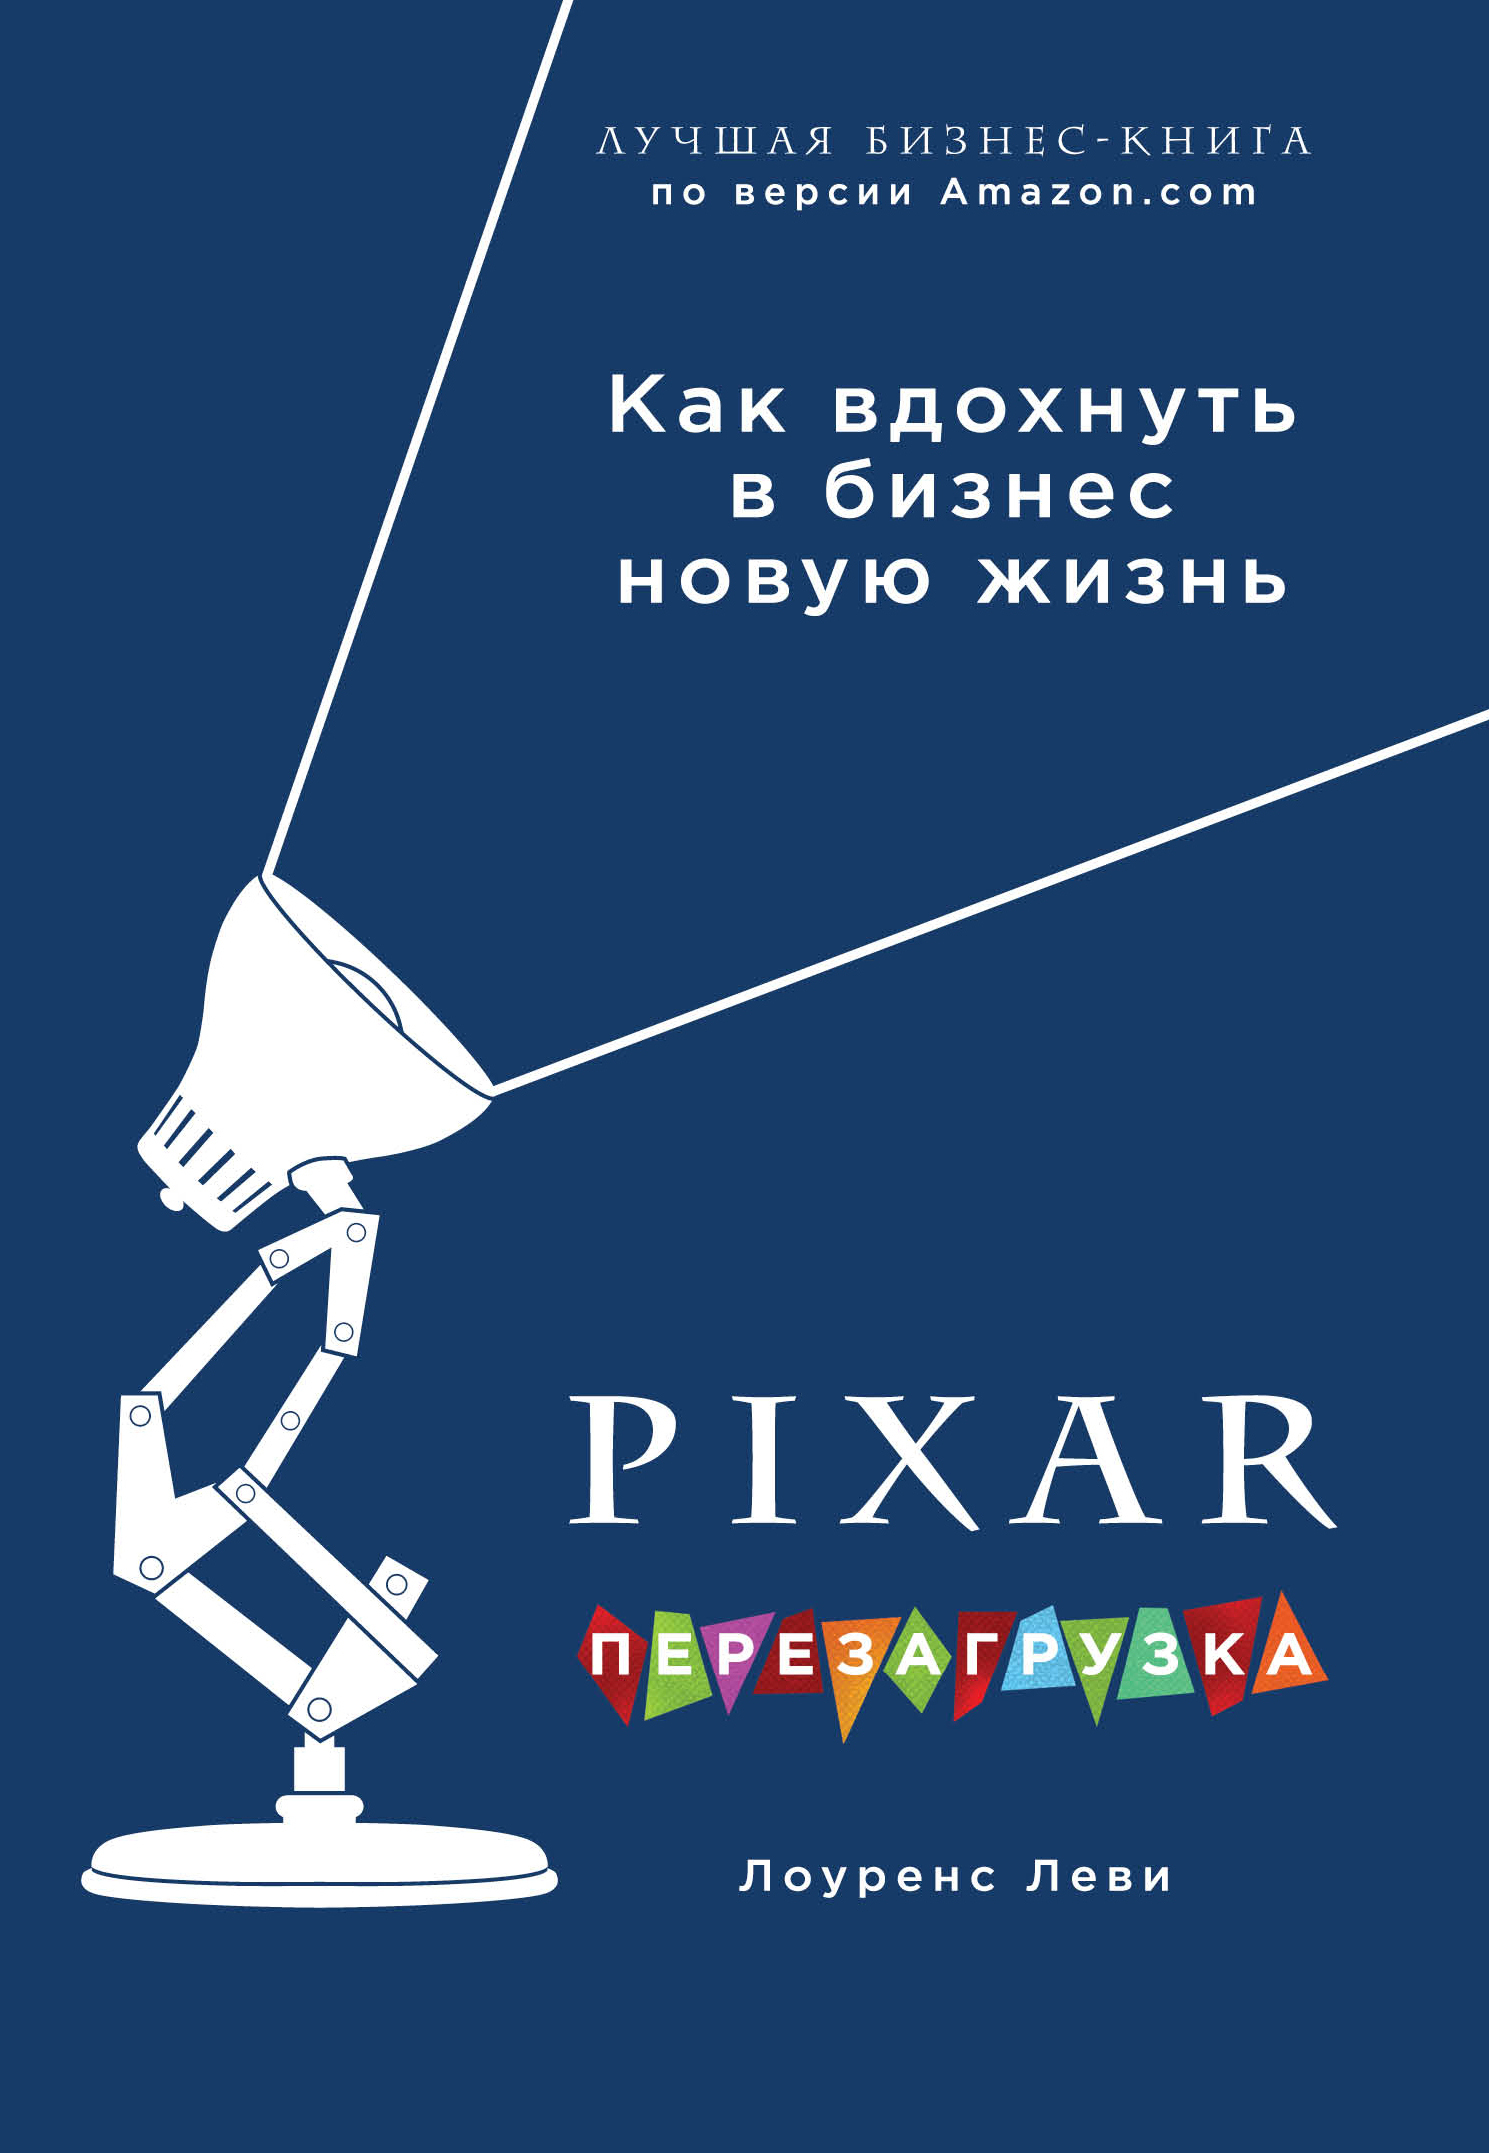 Обложка книги PIXAR. Перезагрузка. Гениальная книга по антикризисному управлению